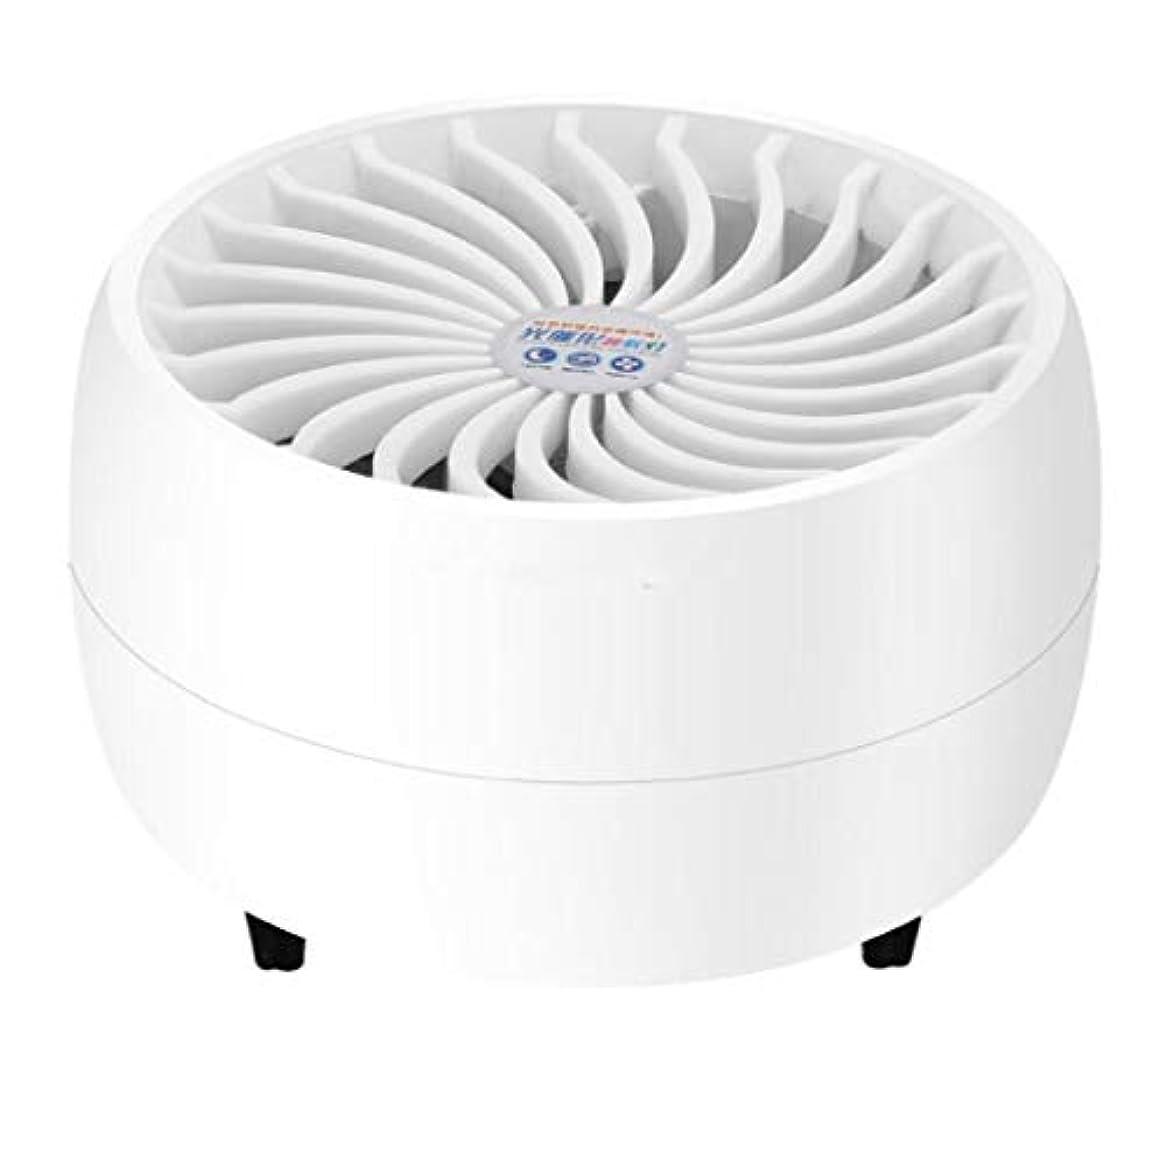 行政放棄乳白色USB蚊よけLED屋内蚊キラー、5 V電気LED蚊キラーランプ昆虫バグトラップザッパーライト寝室用 - ホワイト-White